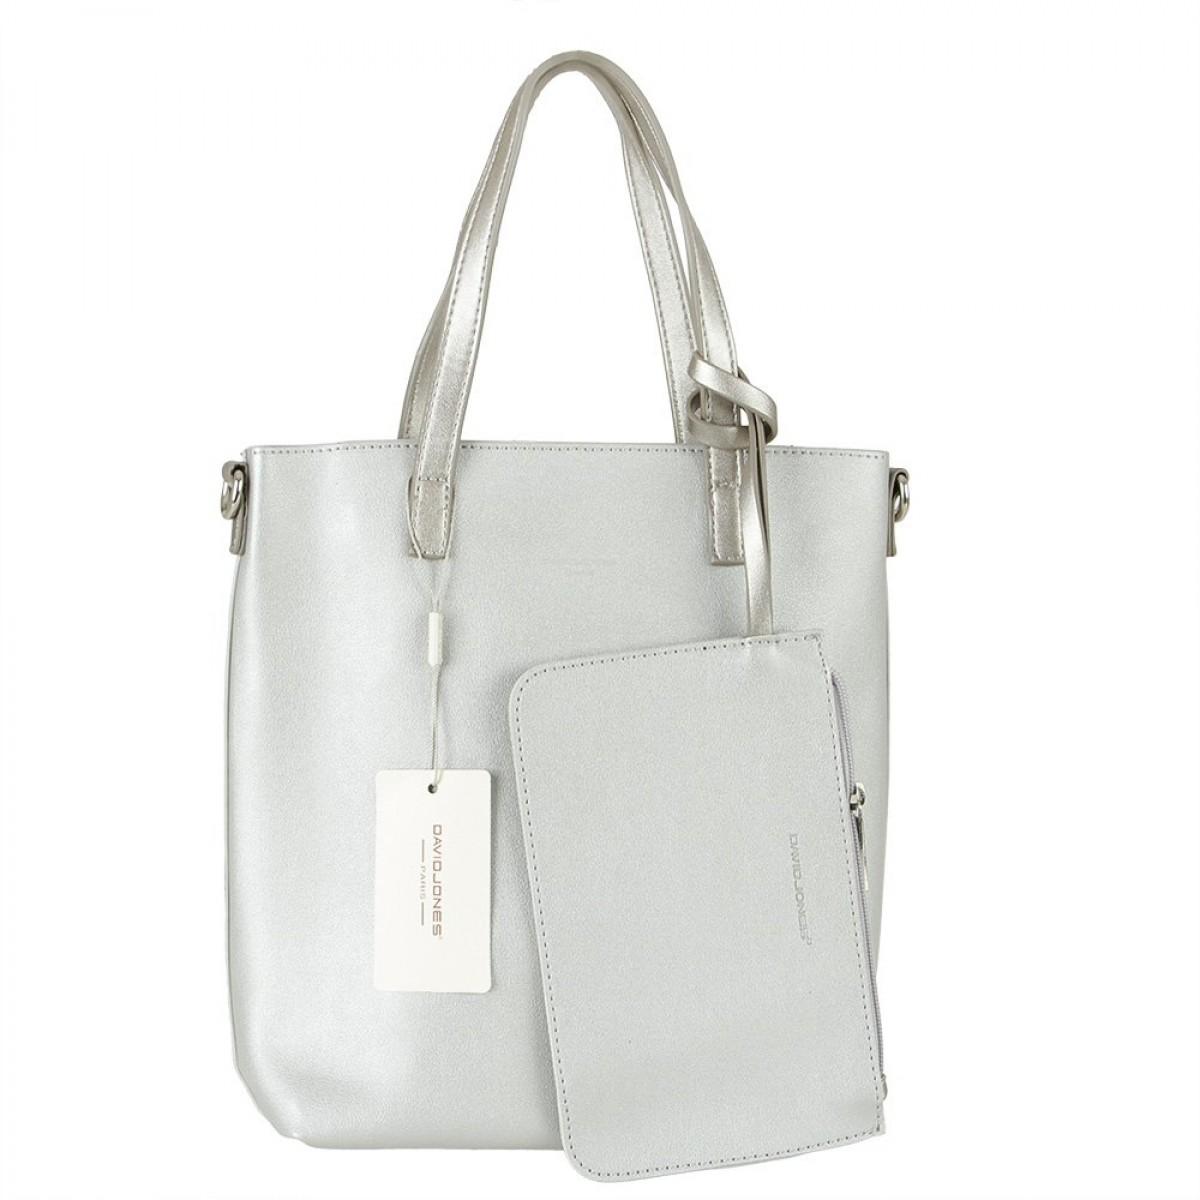 Жіноча сумка David Jones 6291-1 SILVER